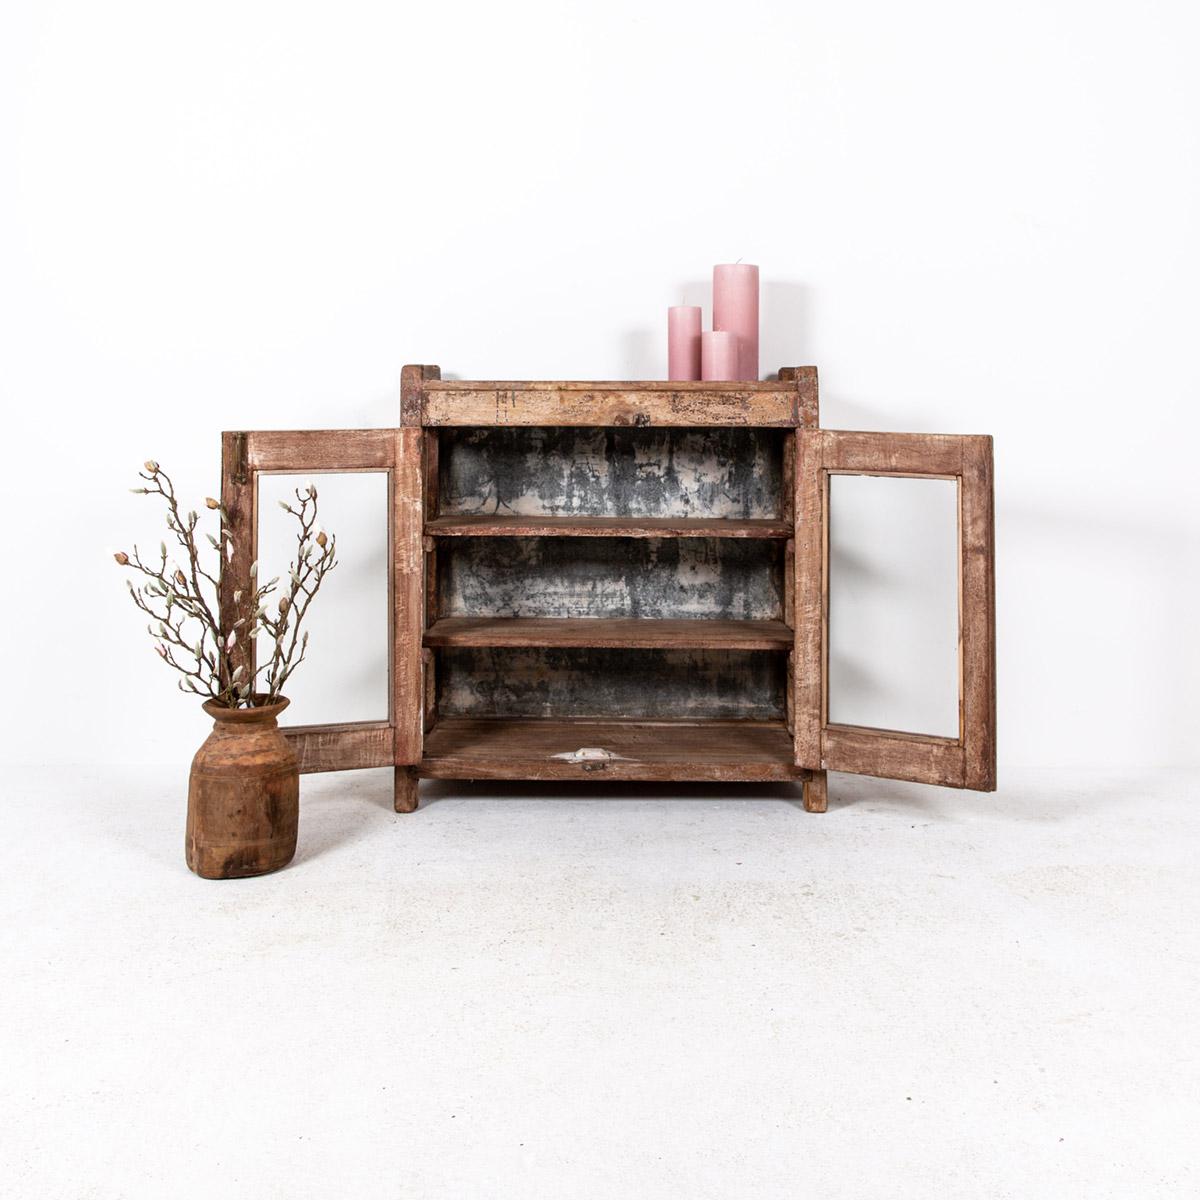 Lage-oude-glazen-kast-2-deuren-bruin-3